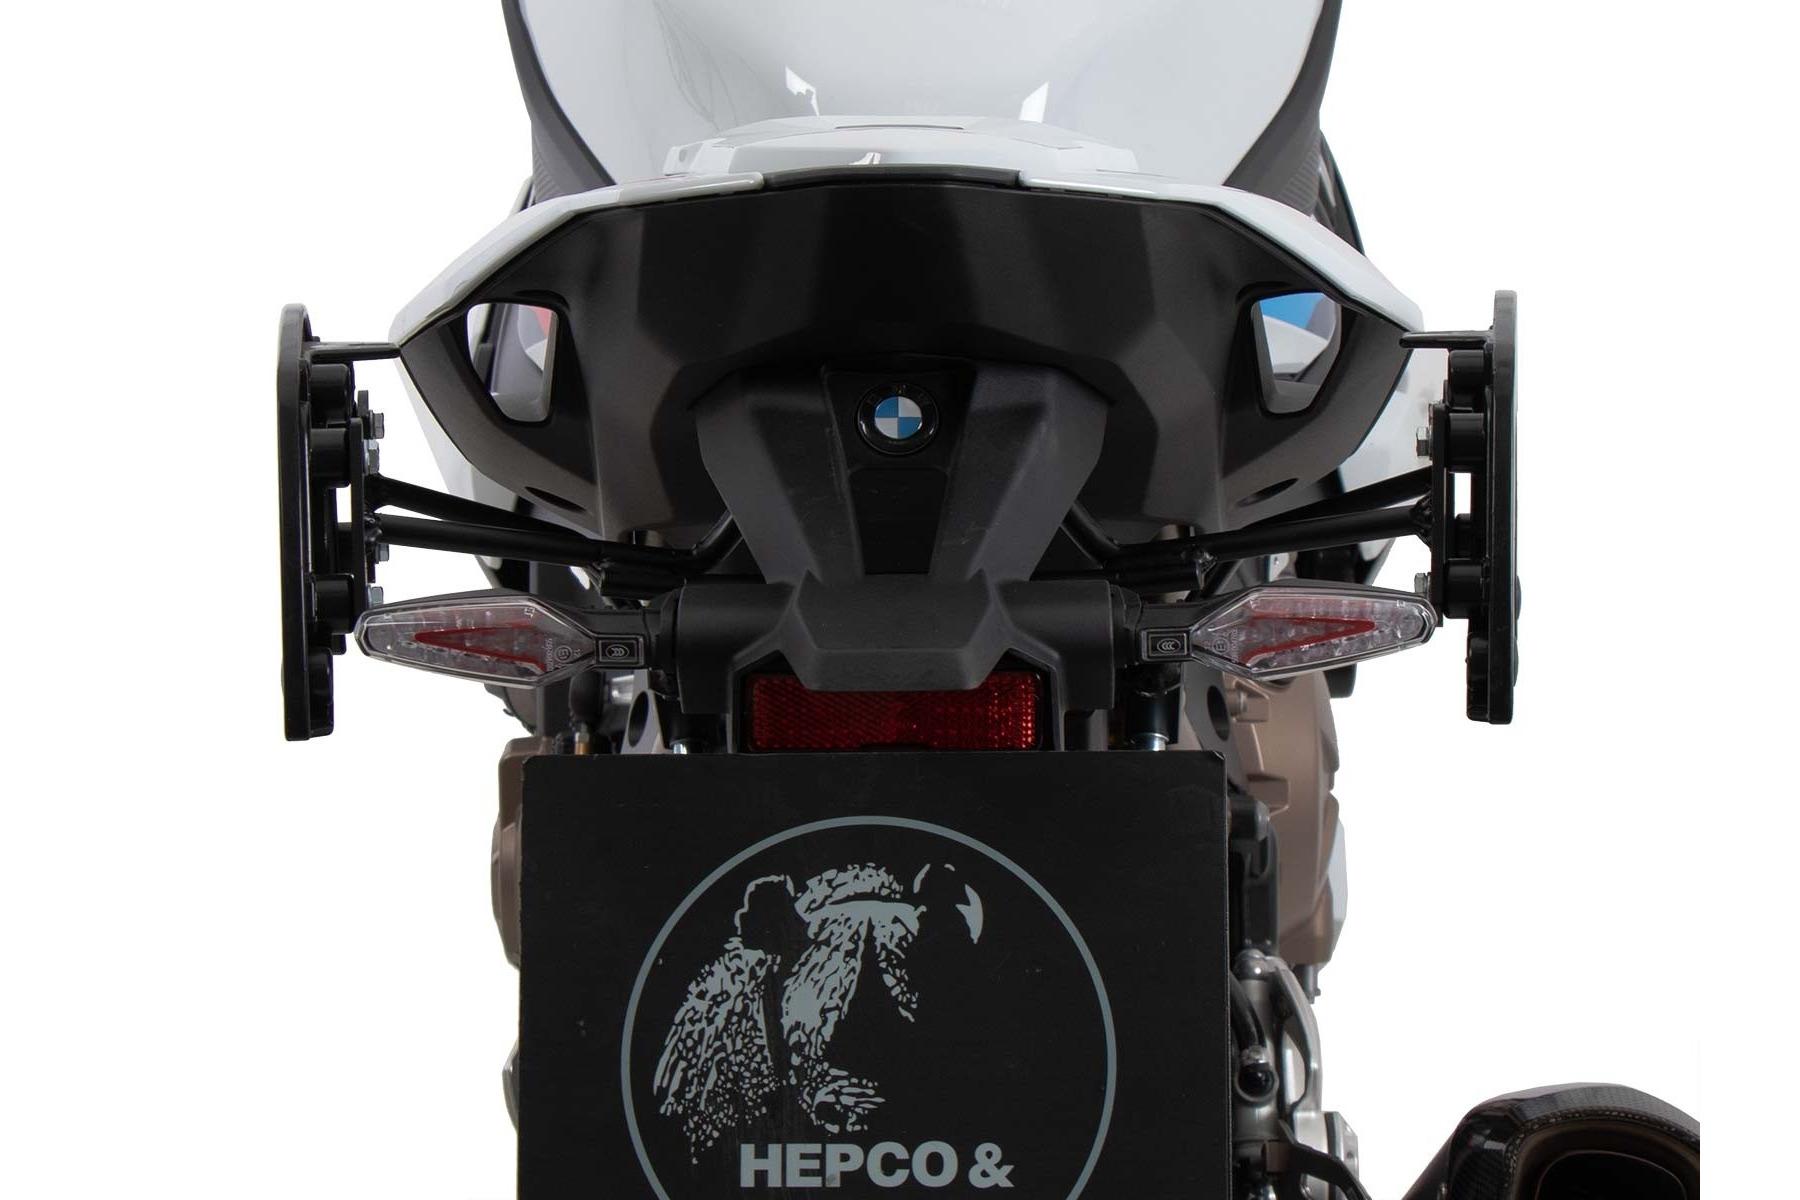 ヘプコアンドベッカー C-Bow ブラック S1000R 21